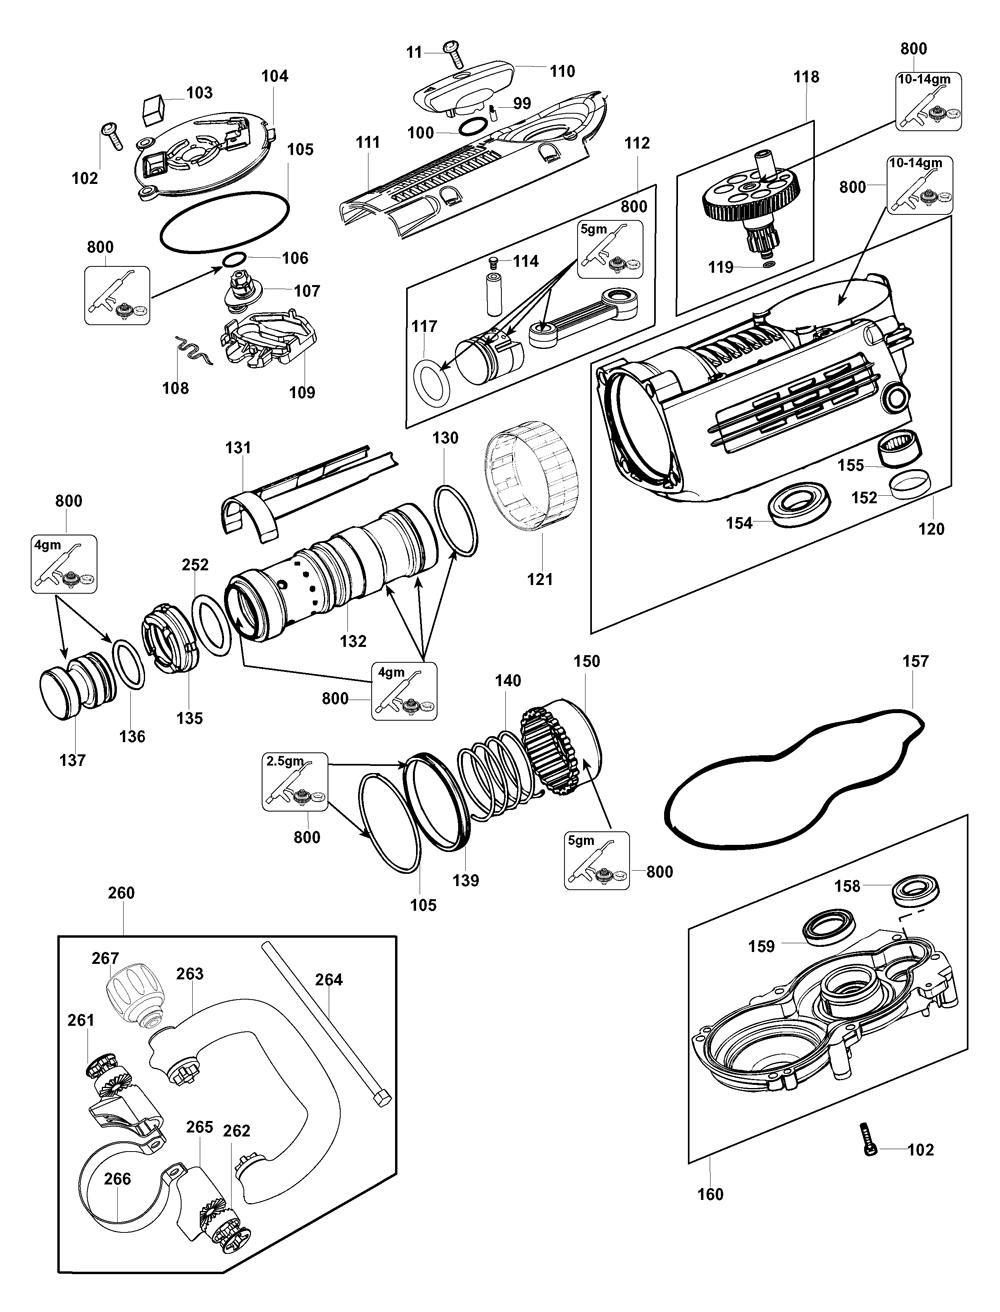 D25840K-AR-Dewalt-T1-PB-1Break Down